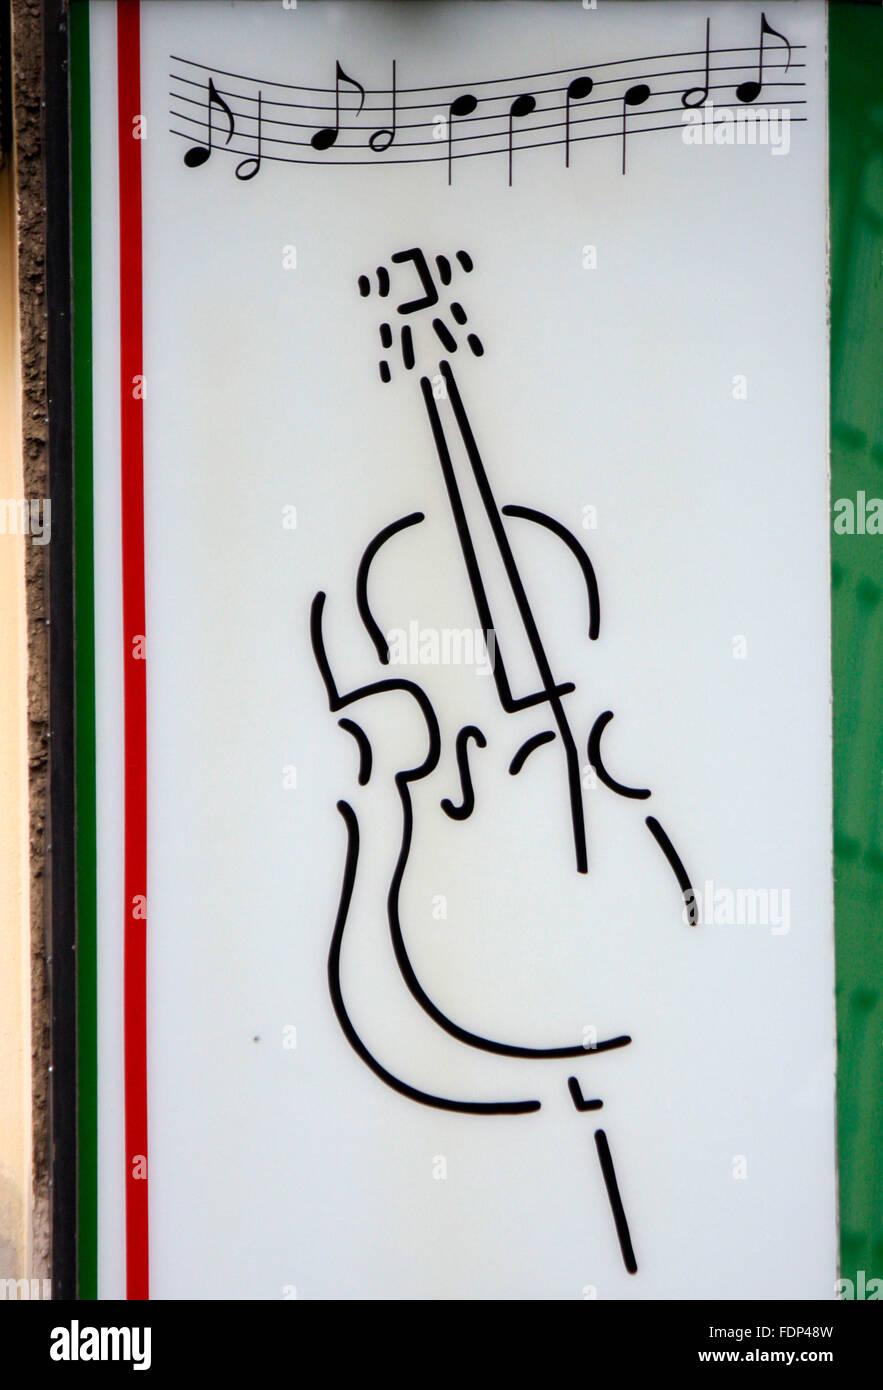 Gitrrensymbol Und Noten ein Italienischem Restaurant Berlin. Stockbild